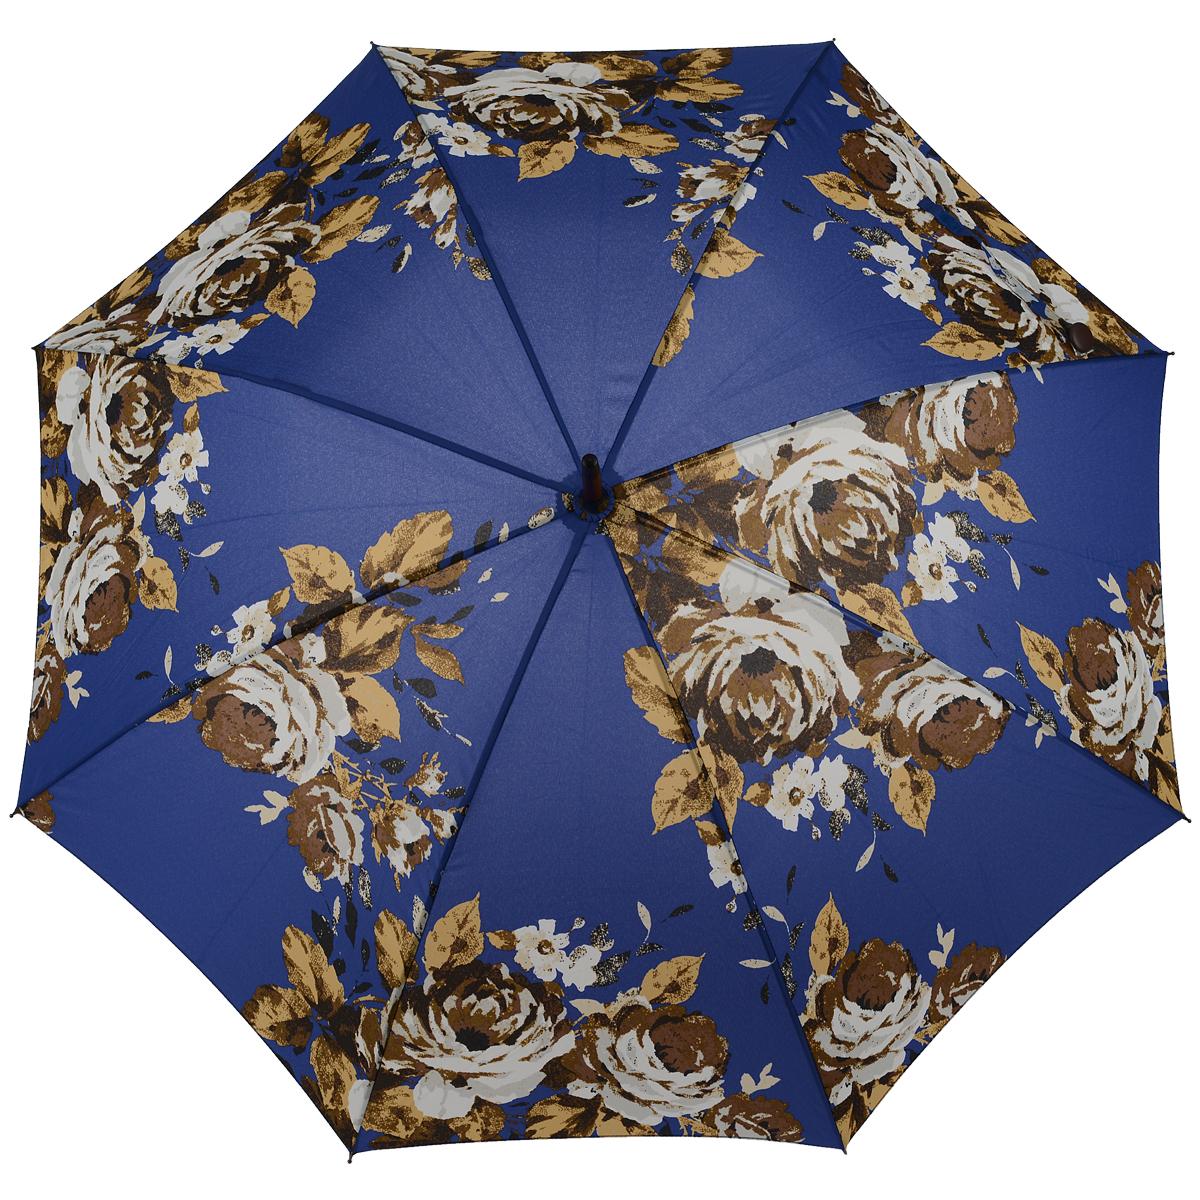 Зонт-трость женский Antique Rose Blue, механический, цвет: синийL056 3F2638Стильный механический зонт-трость Antique Rose Blue даже в ненастную погоду позволит вам оставаться элегантной. Облегченный каркас зонта выполнен из 8 спиц из фибергласса, стержень изготовлен из дерева. Купол зонта выполнен из прочного полиэстера и оформлен цветочным принтом. Рукоятка закругленной формы разработана с учетом требований эргономики и выполнена из дерева. Зонт имеет механический тип сложения: купол открывается и закрывается вручную до характерного щелчка. Такой зонт не только надежно защитит вас от дождя, но и станет стильным аксессуаром. Характеристики: Материал: полиэстер, фибергласс, дерево. Диаметр купола: 100 см. Цвет: синий. Длина стержня зонта: 76 см. Длина зонта (в сложенном виде): 88 см. Вес: 375 г. Артикул: L056 3F2638.